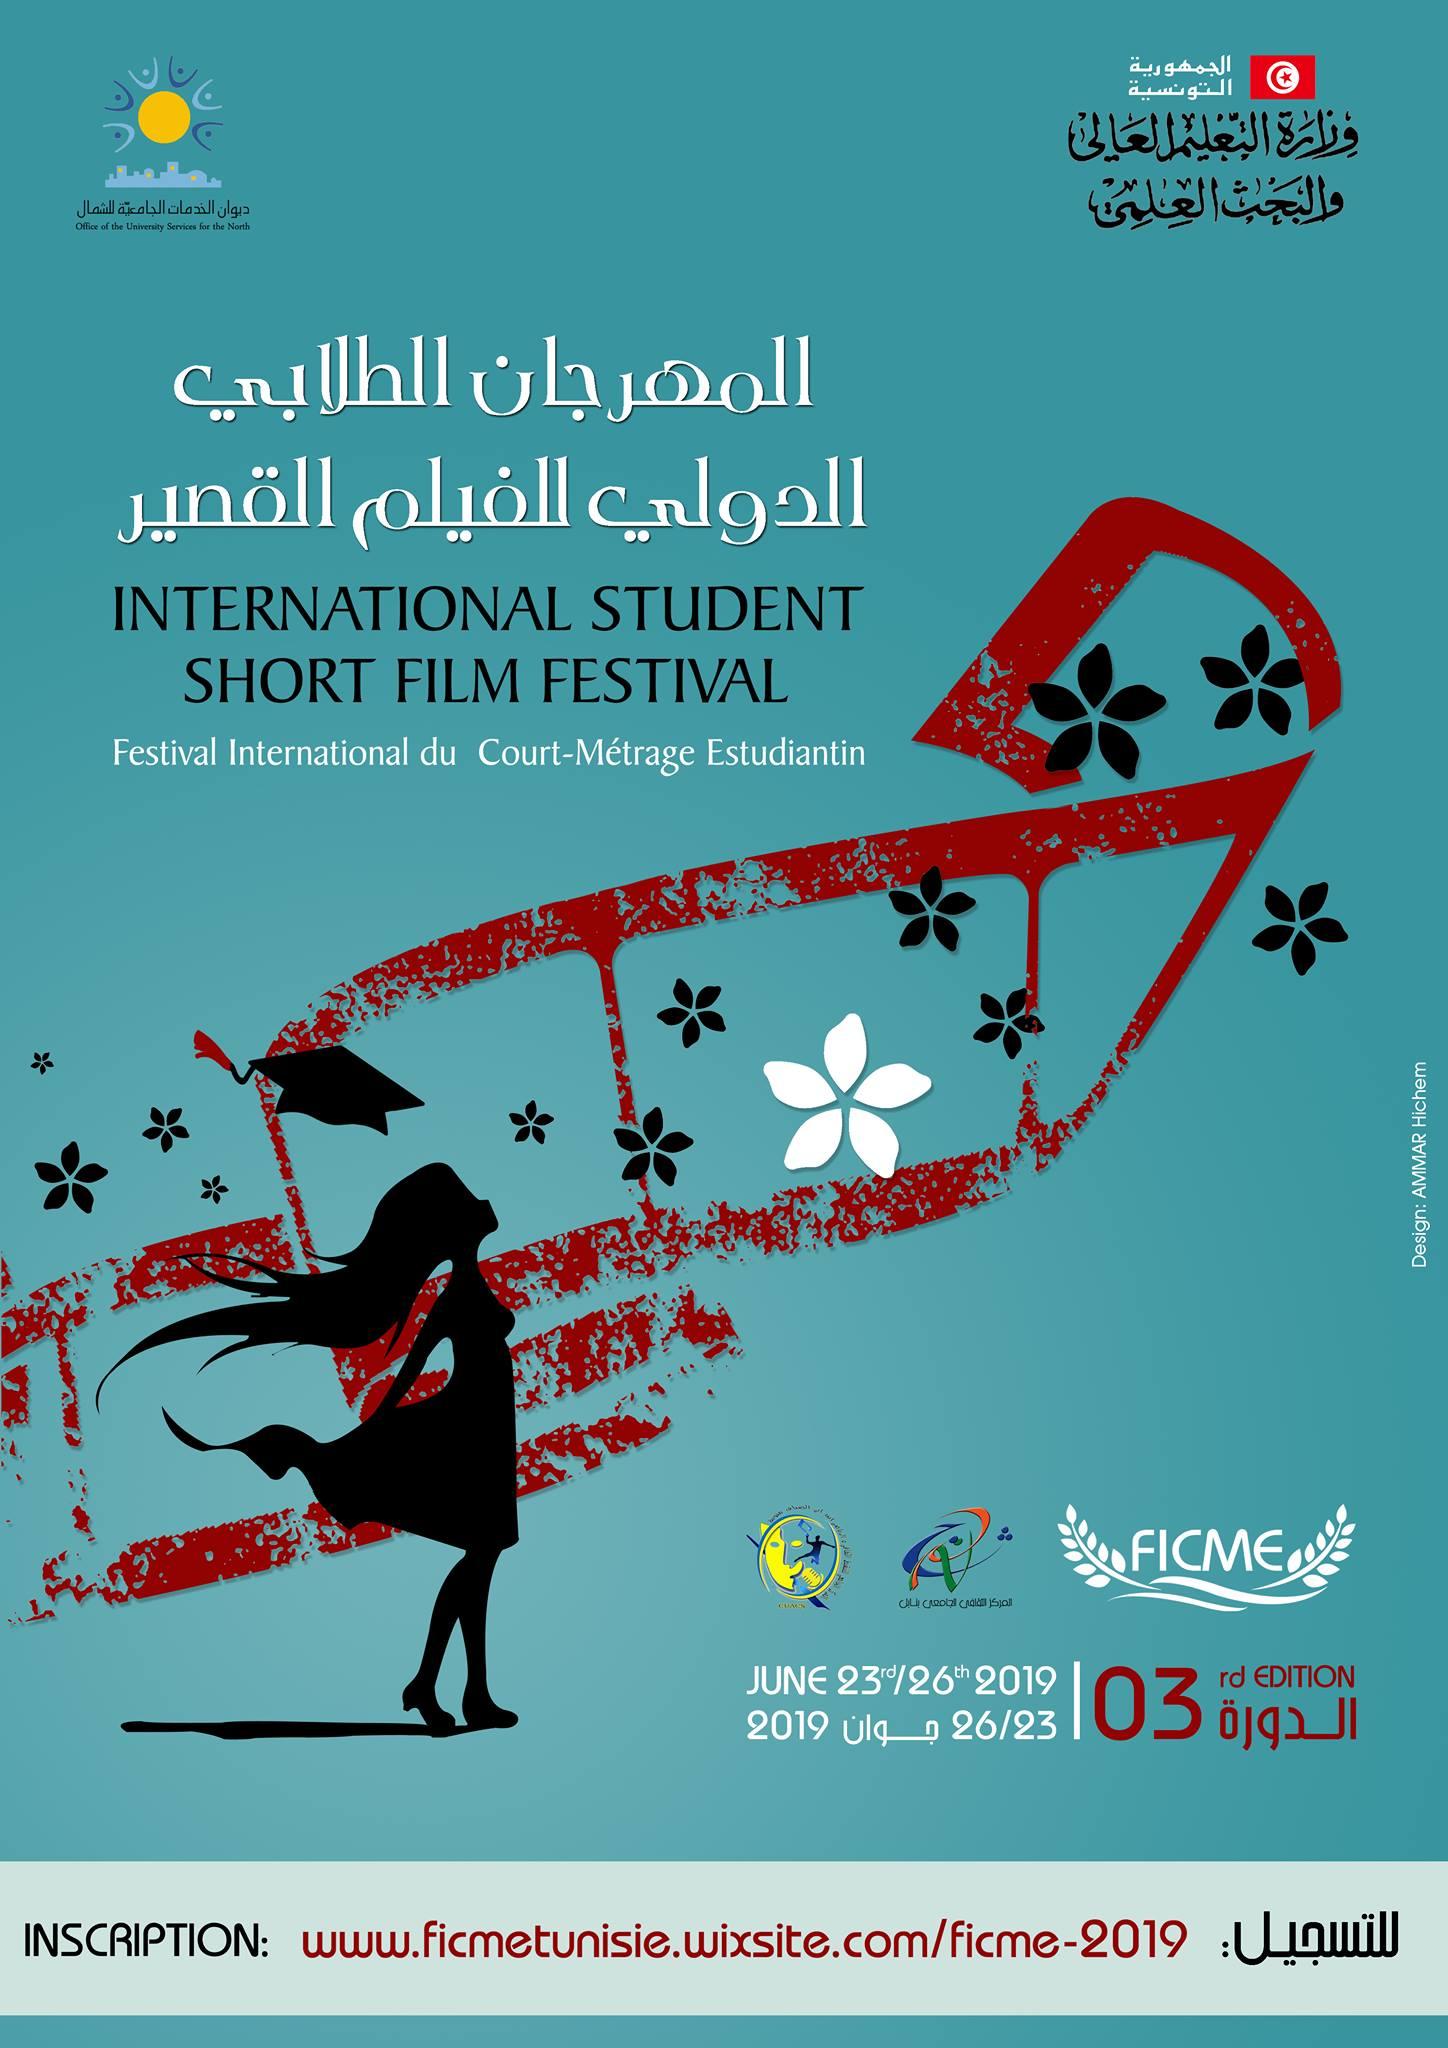 إعلان بخصوص الترشح للمشاركة في الطبعة الثالثة للمهرجان الدولي للفيلم القصير تونس